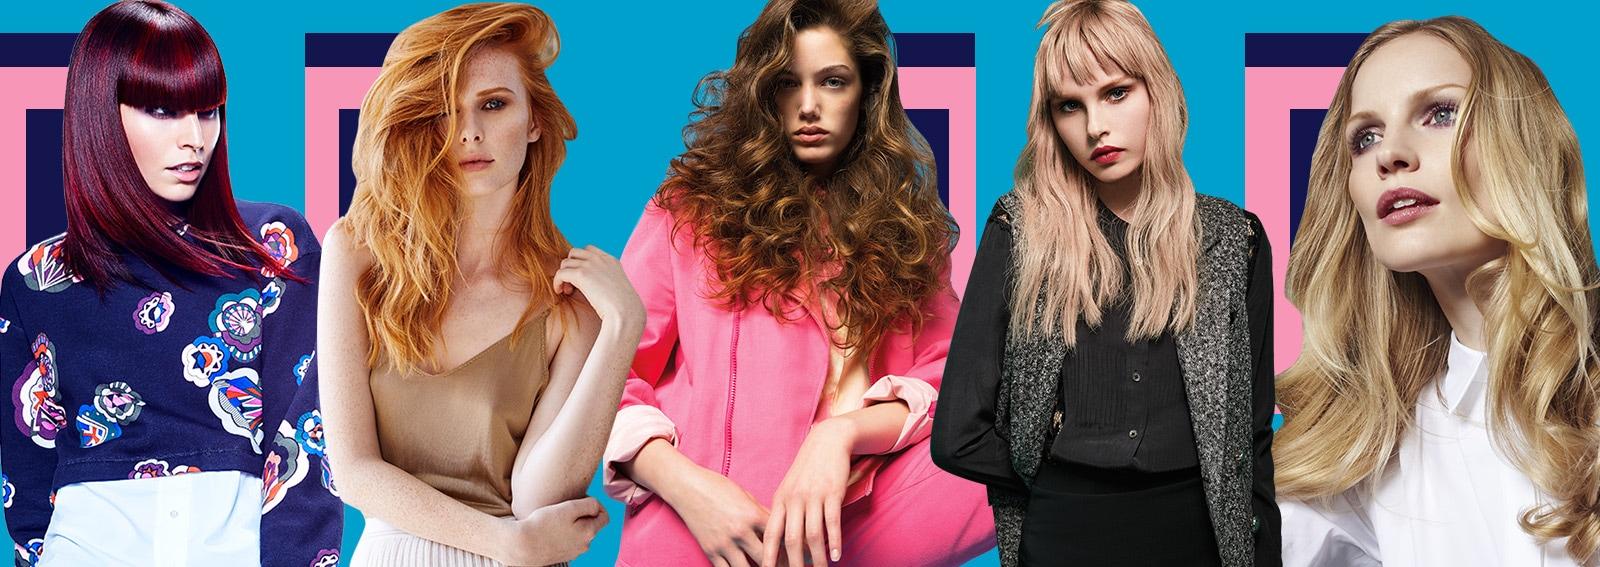 tagli capelli lunghi saloni collage_desktop